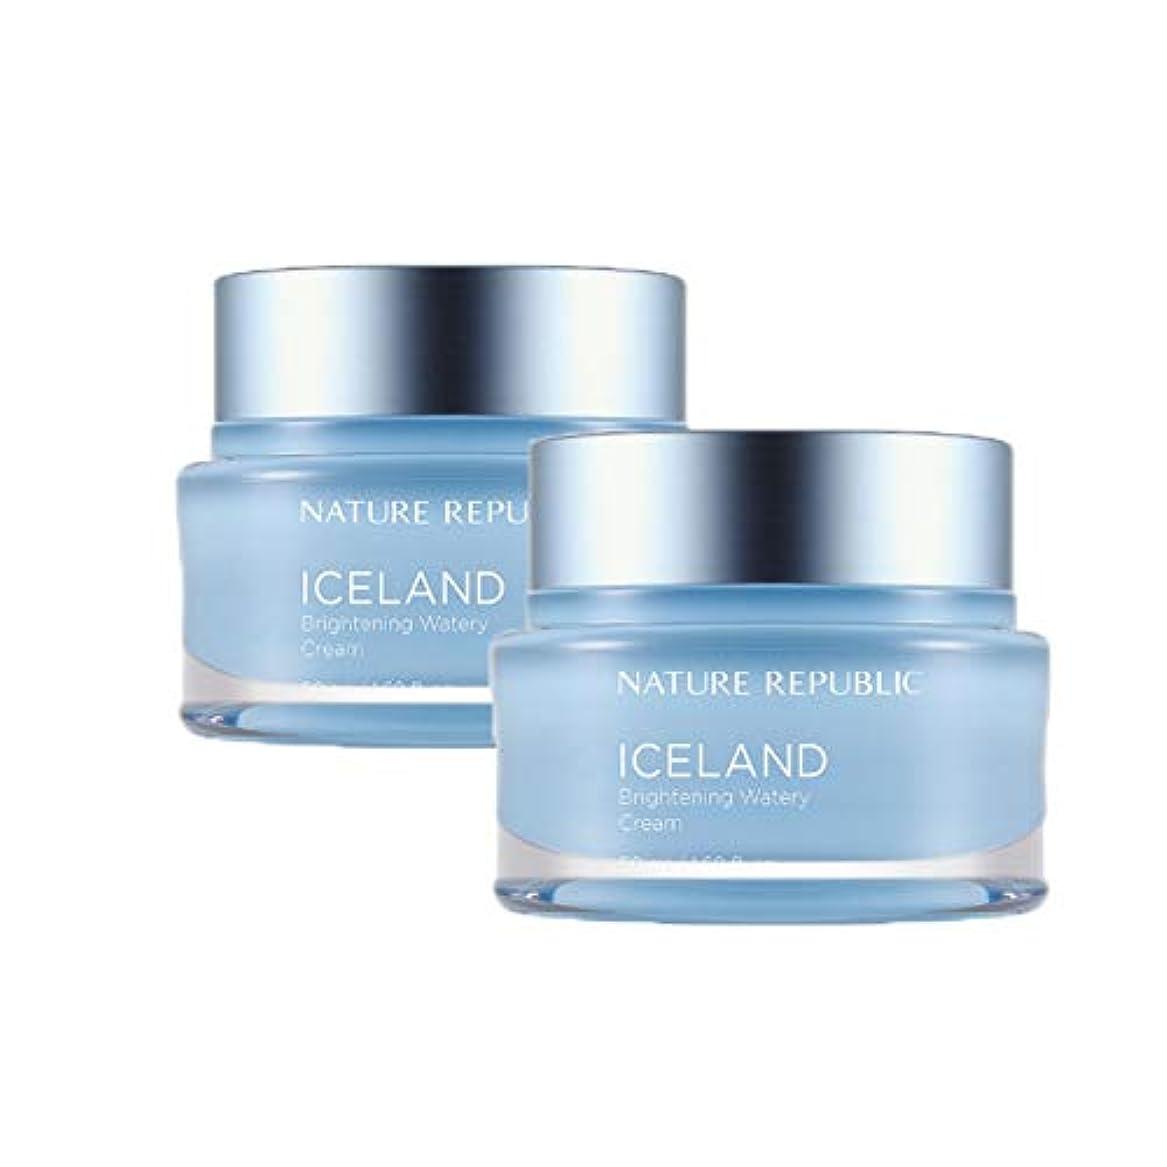 全くスペード冷ややかなネイチャーリパブリックアイスランドブライトニング水分クリーム50mlx2本セット韓国コスメ、Nature Republic Iceland Brightening Watery Cream 50ml x 2ea Set...